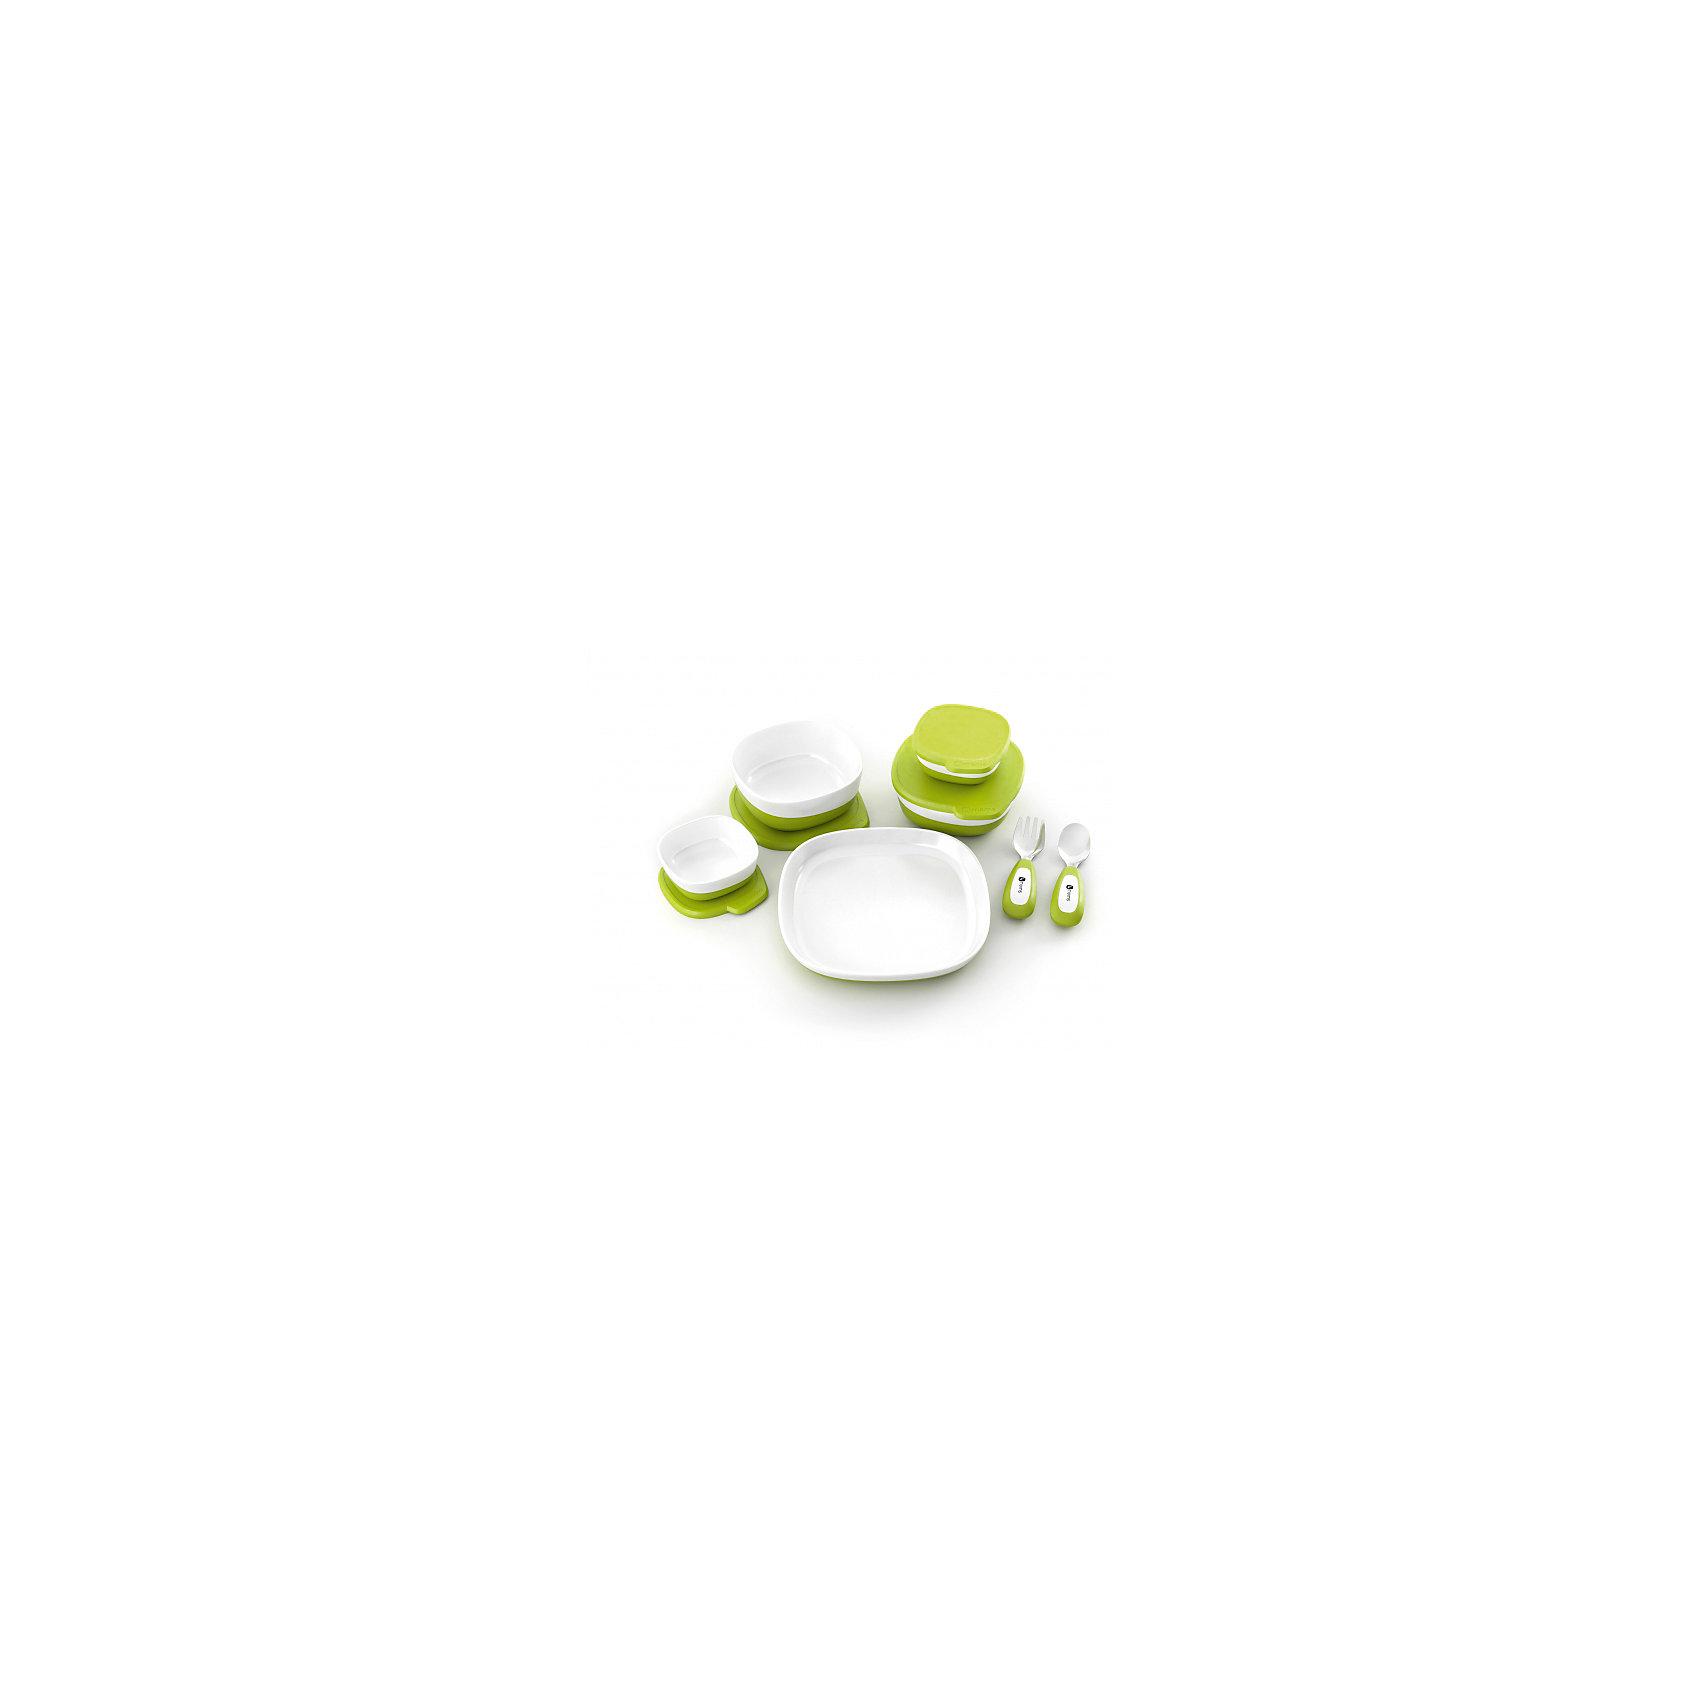 Набор магнитной посуды для стульчика, 4momsПосуда для малышей<br>Характеристики товара:<br><br>• возраст с рождения;<br>• материал: пластик;<br>• в комплекте: 4 глубокие тарелки с крышками, тарелка, ложка, вилка;<br>• размер упаковки 28,5х23х10 см;<br>• вес упаковки 2 кг;<br>• страна производитель: США<br><br>Набор магнитной посуды для стульчика 4moms разработан специально для стульчика для кормления с магнитной столешницей. Вся посуда надежно фиксируется на столешнице при помощи магнитов и не падает. Посуда изготовлена из качественного безопасного для малыша пластика. Предметы можно мыть в посудомоечной машине, но нельзя использовать в микроволновой печи.<br><br>Набор магнитной посуды для стульчика 4moms можно приобрести в нашем интернет-магазине.<br><br>Ширина мм: 289<br>Глубина мм: 231<br>Высота мм: 100<br>Вес г: 1130<br>Цвет: зеленый<br>Возраст от месяцев: 6<br>Возраст до месяцев: 36<br>Пол: Унисекс<br>Возраст: Детский<br>SKU: 5442006